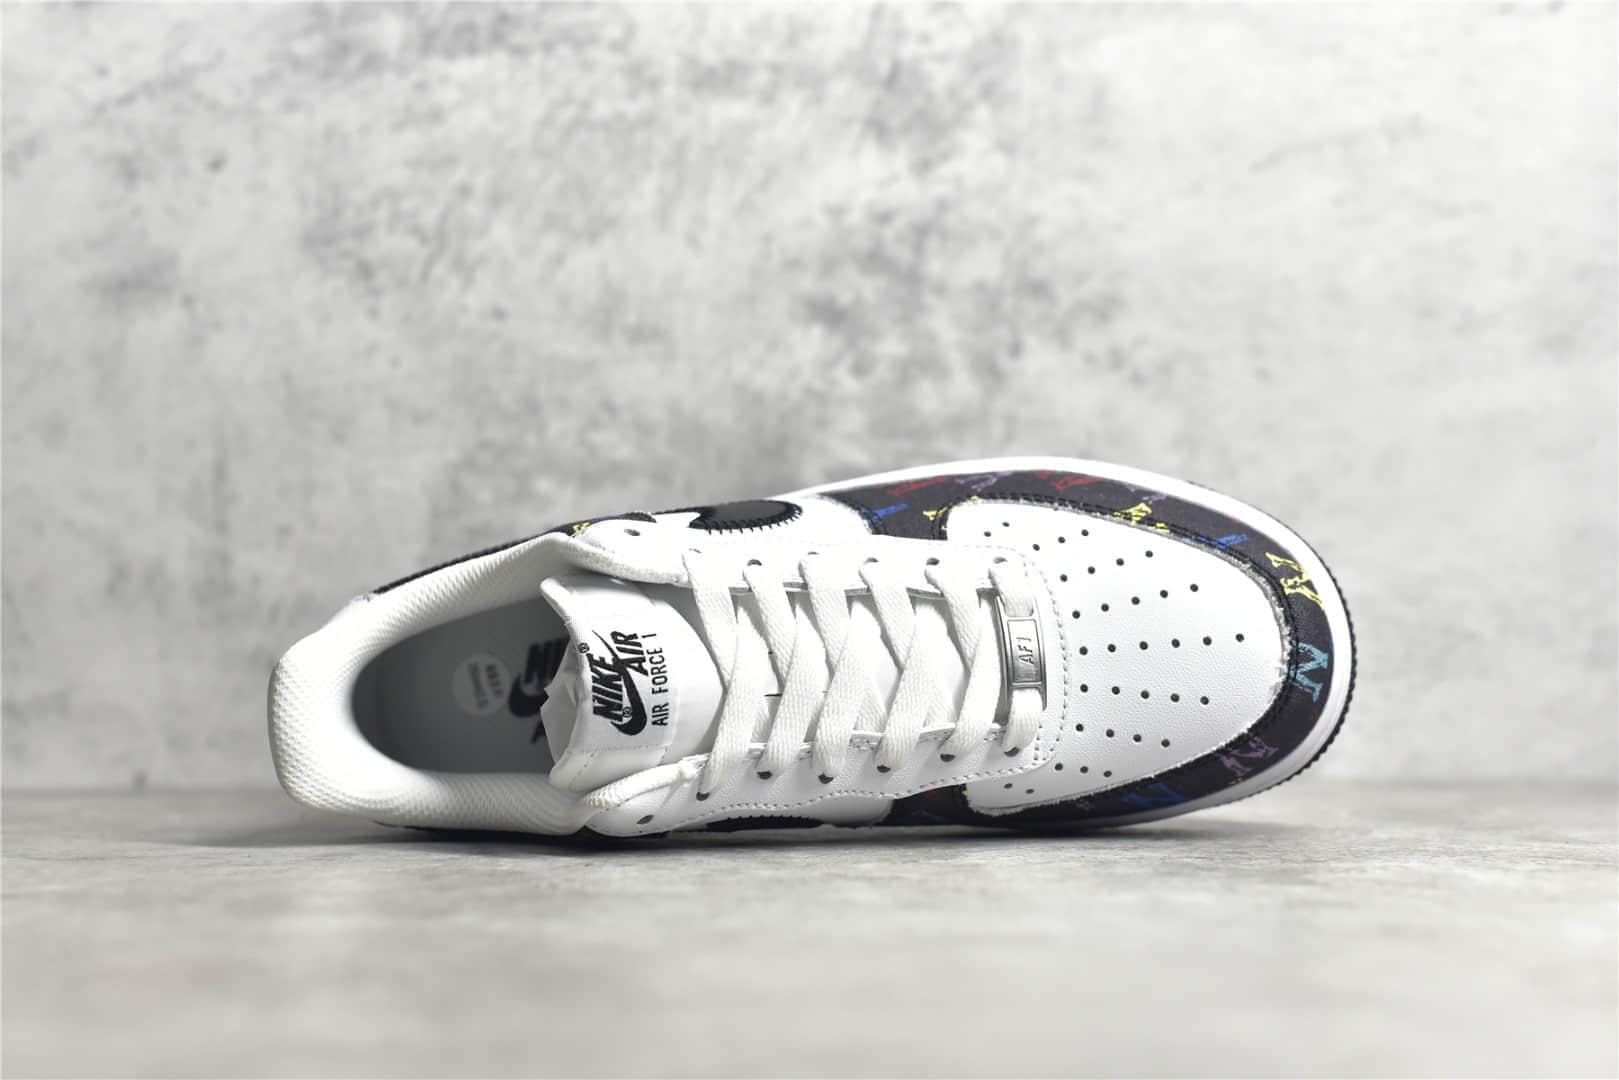 耐克空军一号洋基队联名款 Nike Air Force 1 Low '07 MLB 耐克空军帆布皮革拼接低帮 货号:315122-444-潮流者之家